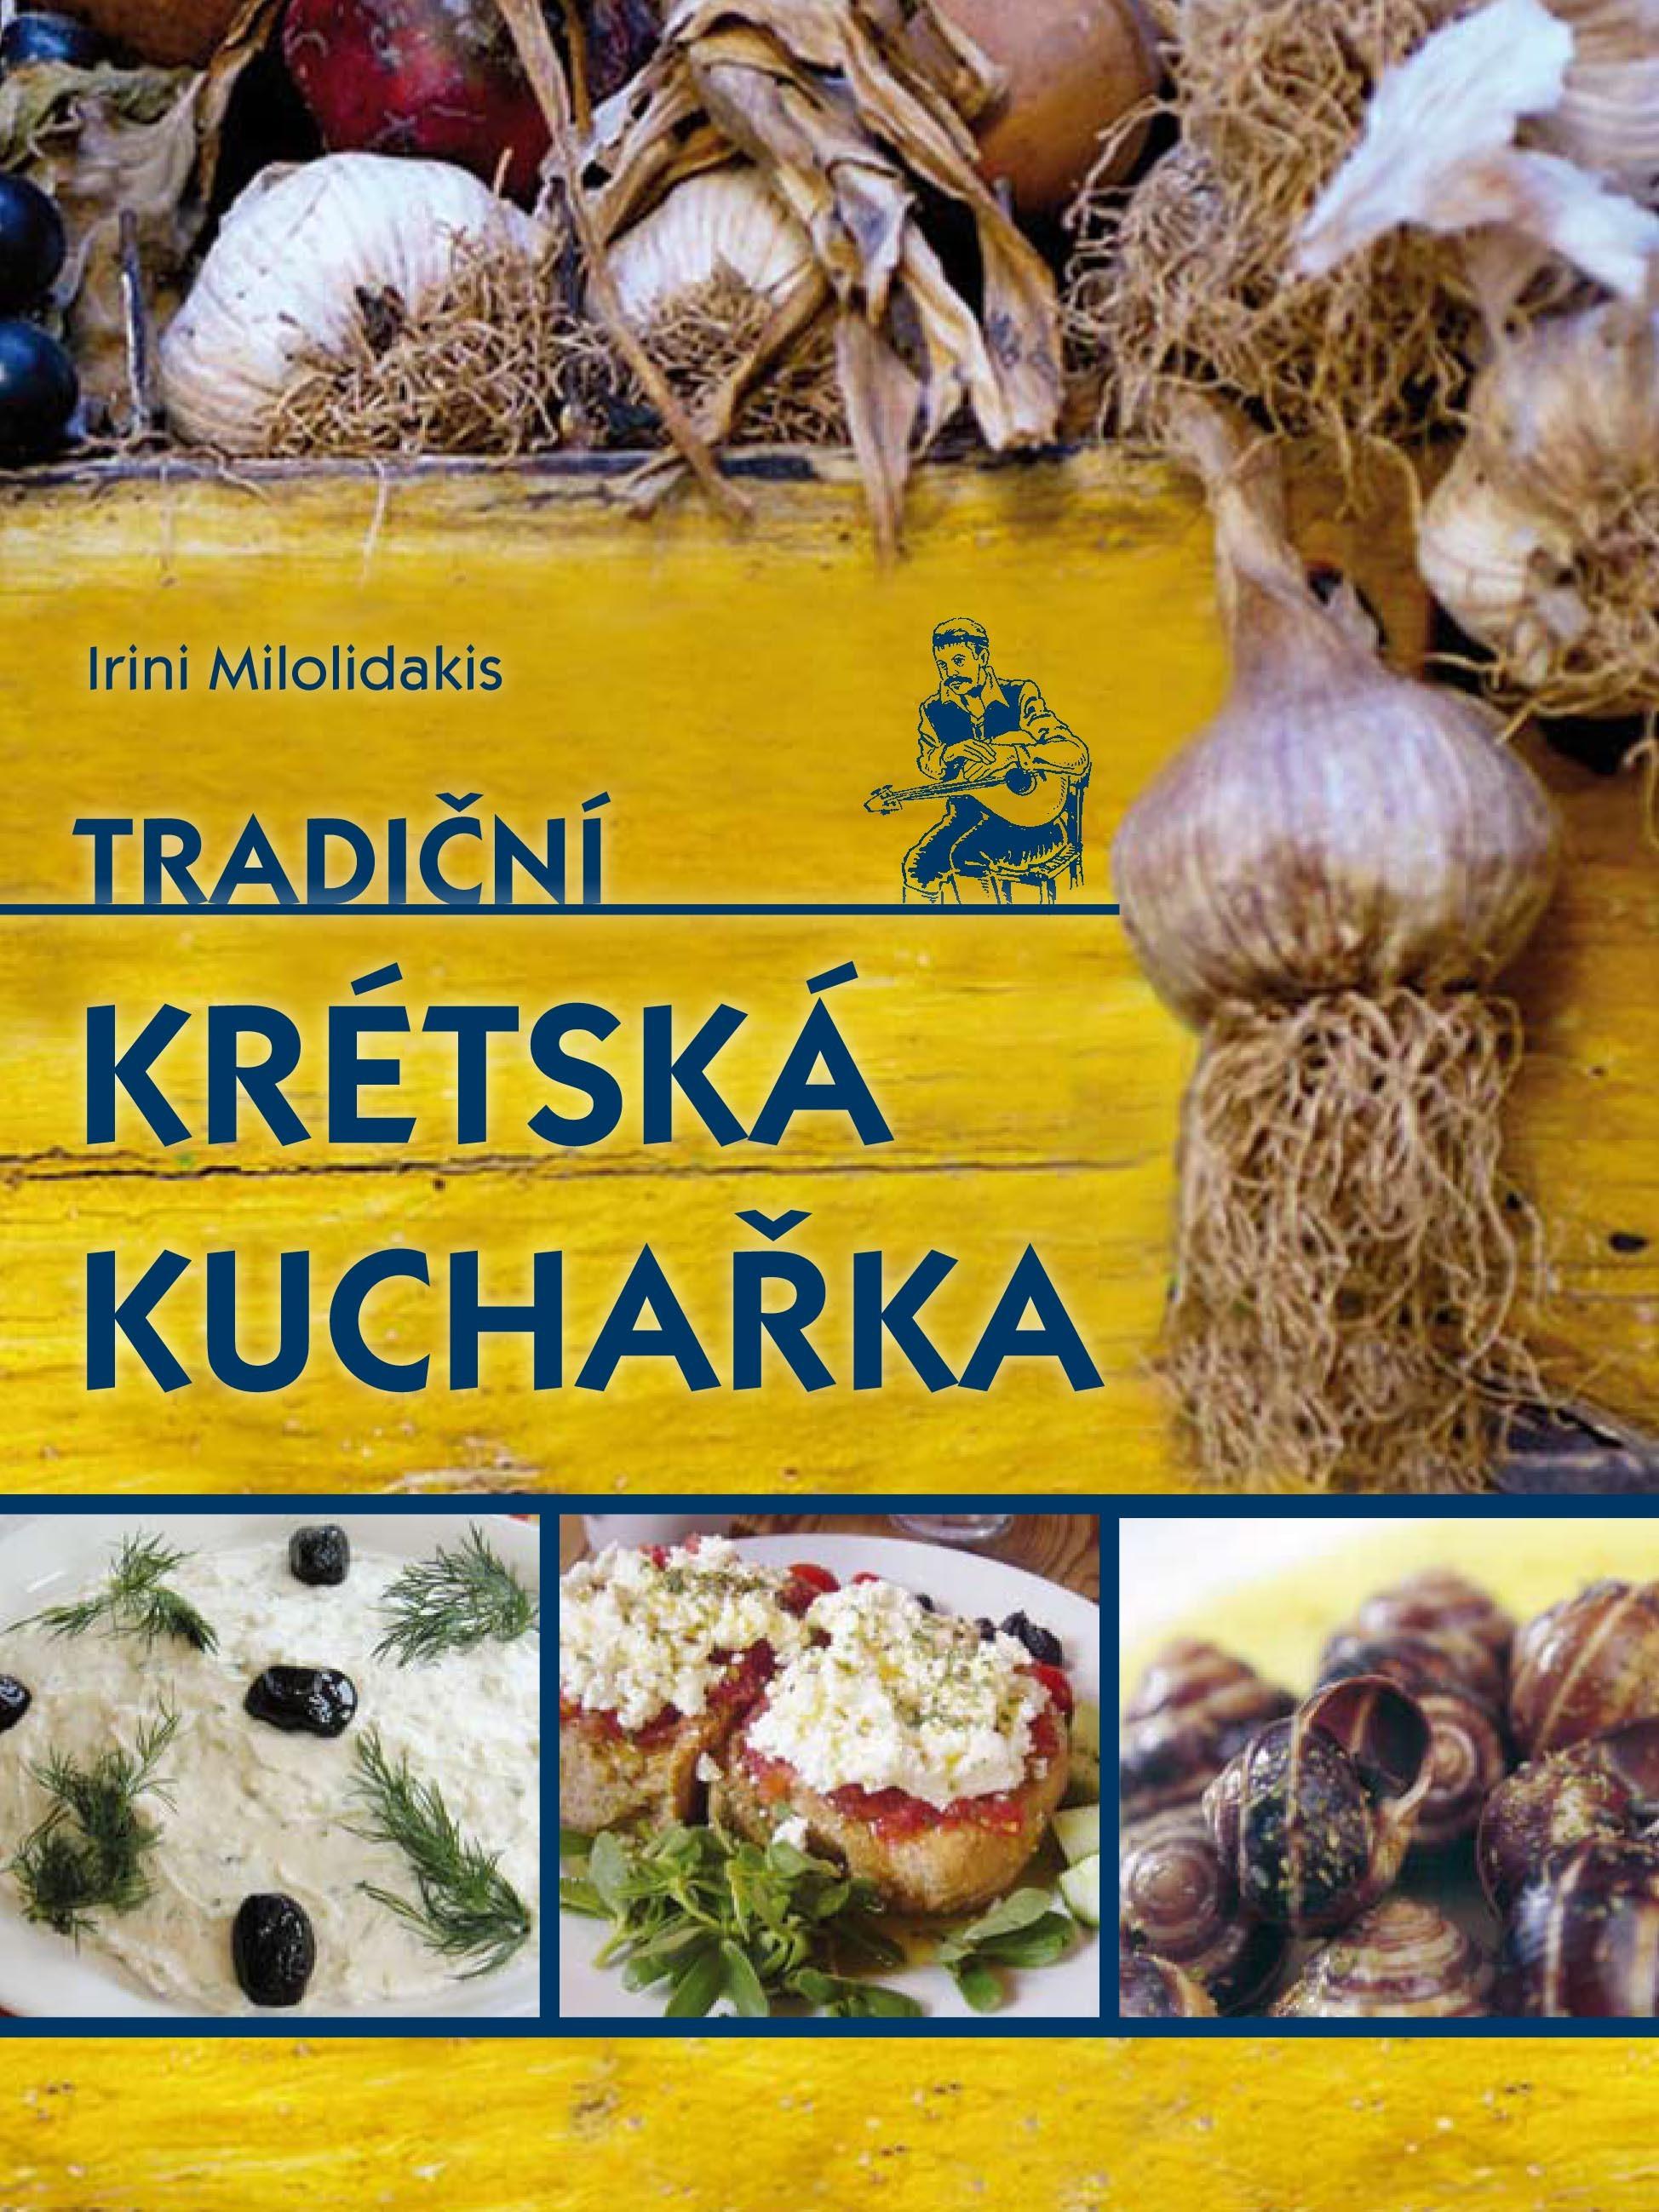 Tradiční krétská kuchařka